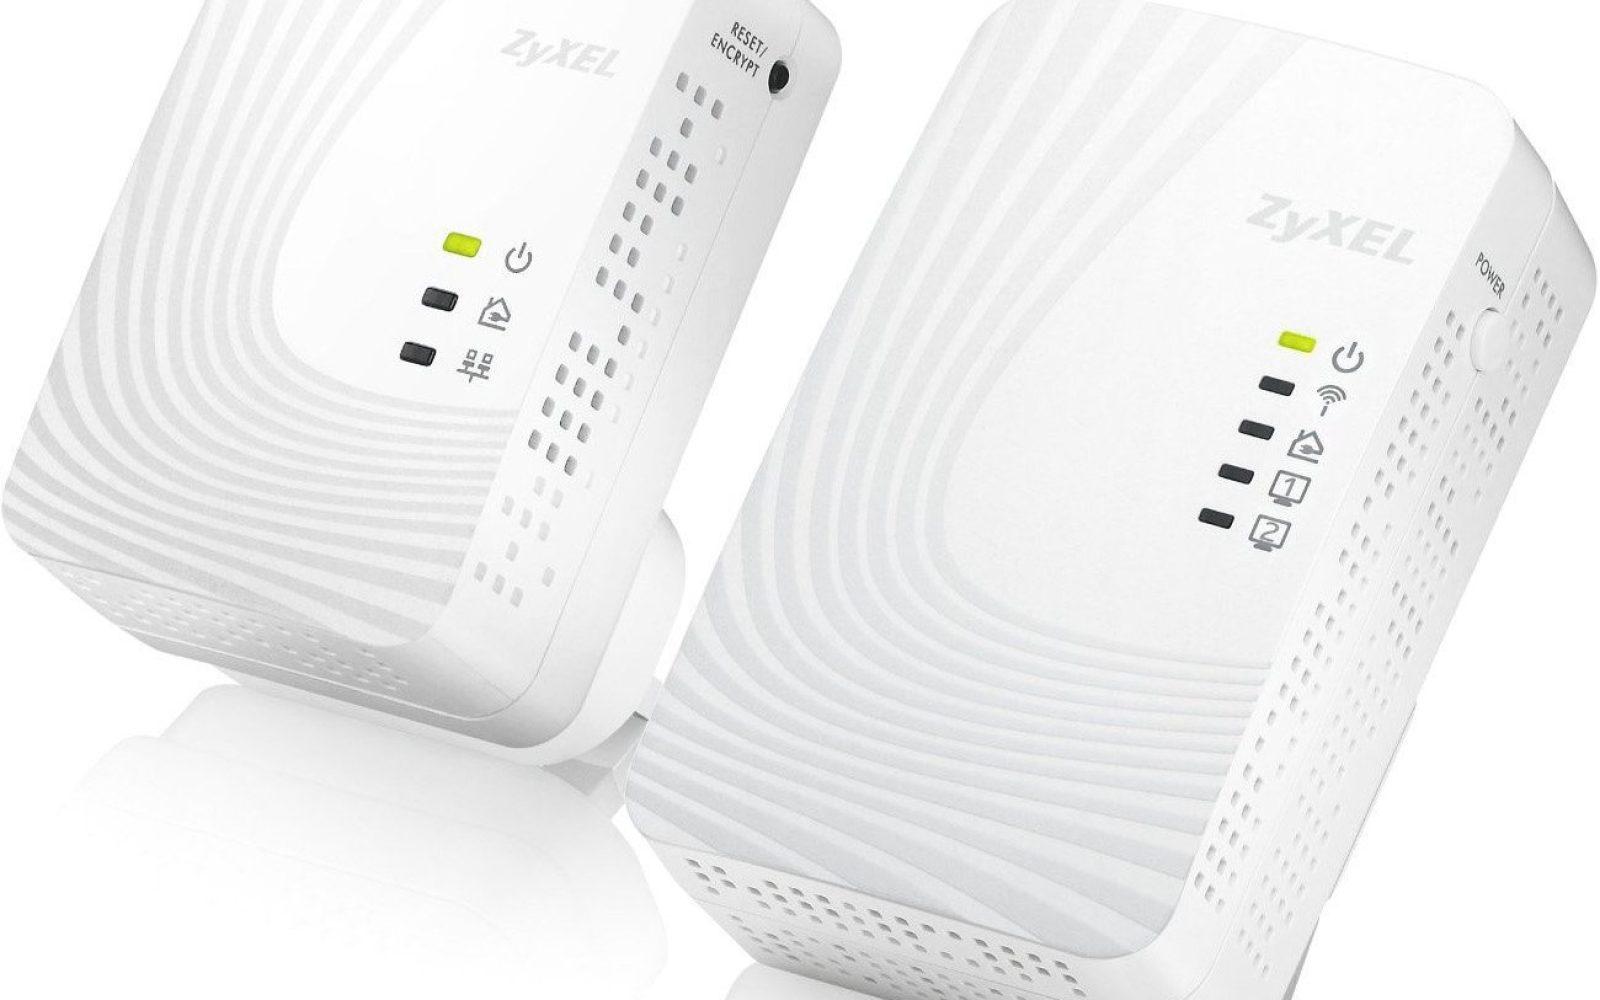 ZyXEL AV500 Powerline kit with N300 Wireless Range Extender